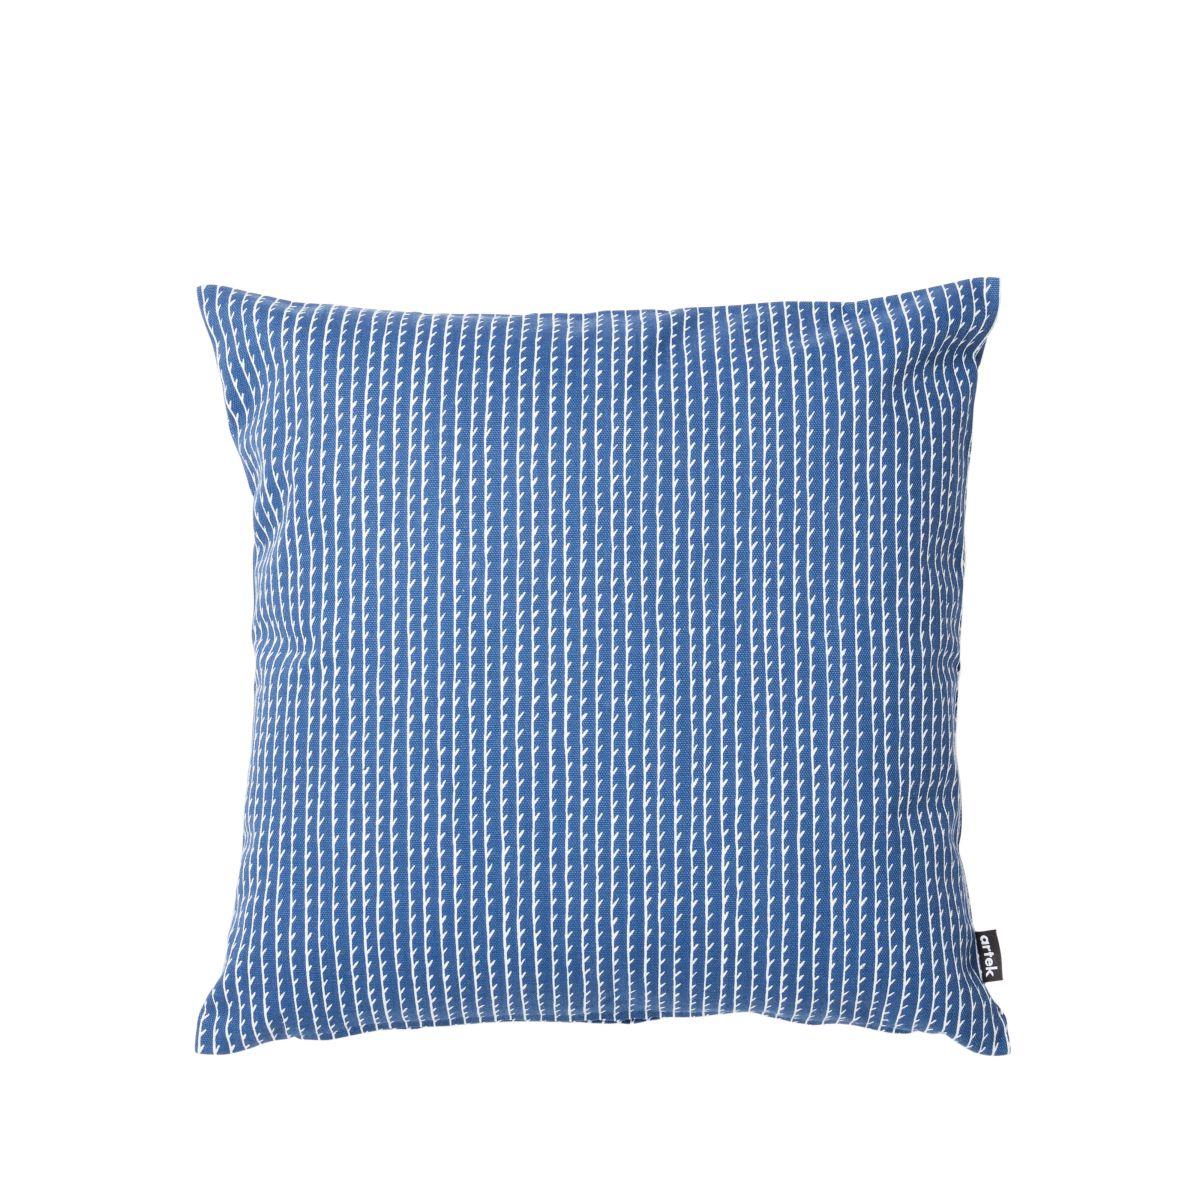 Rivi-Cushion-Small-Blue_White_Web-2410979